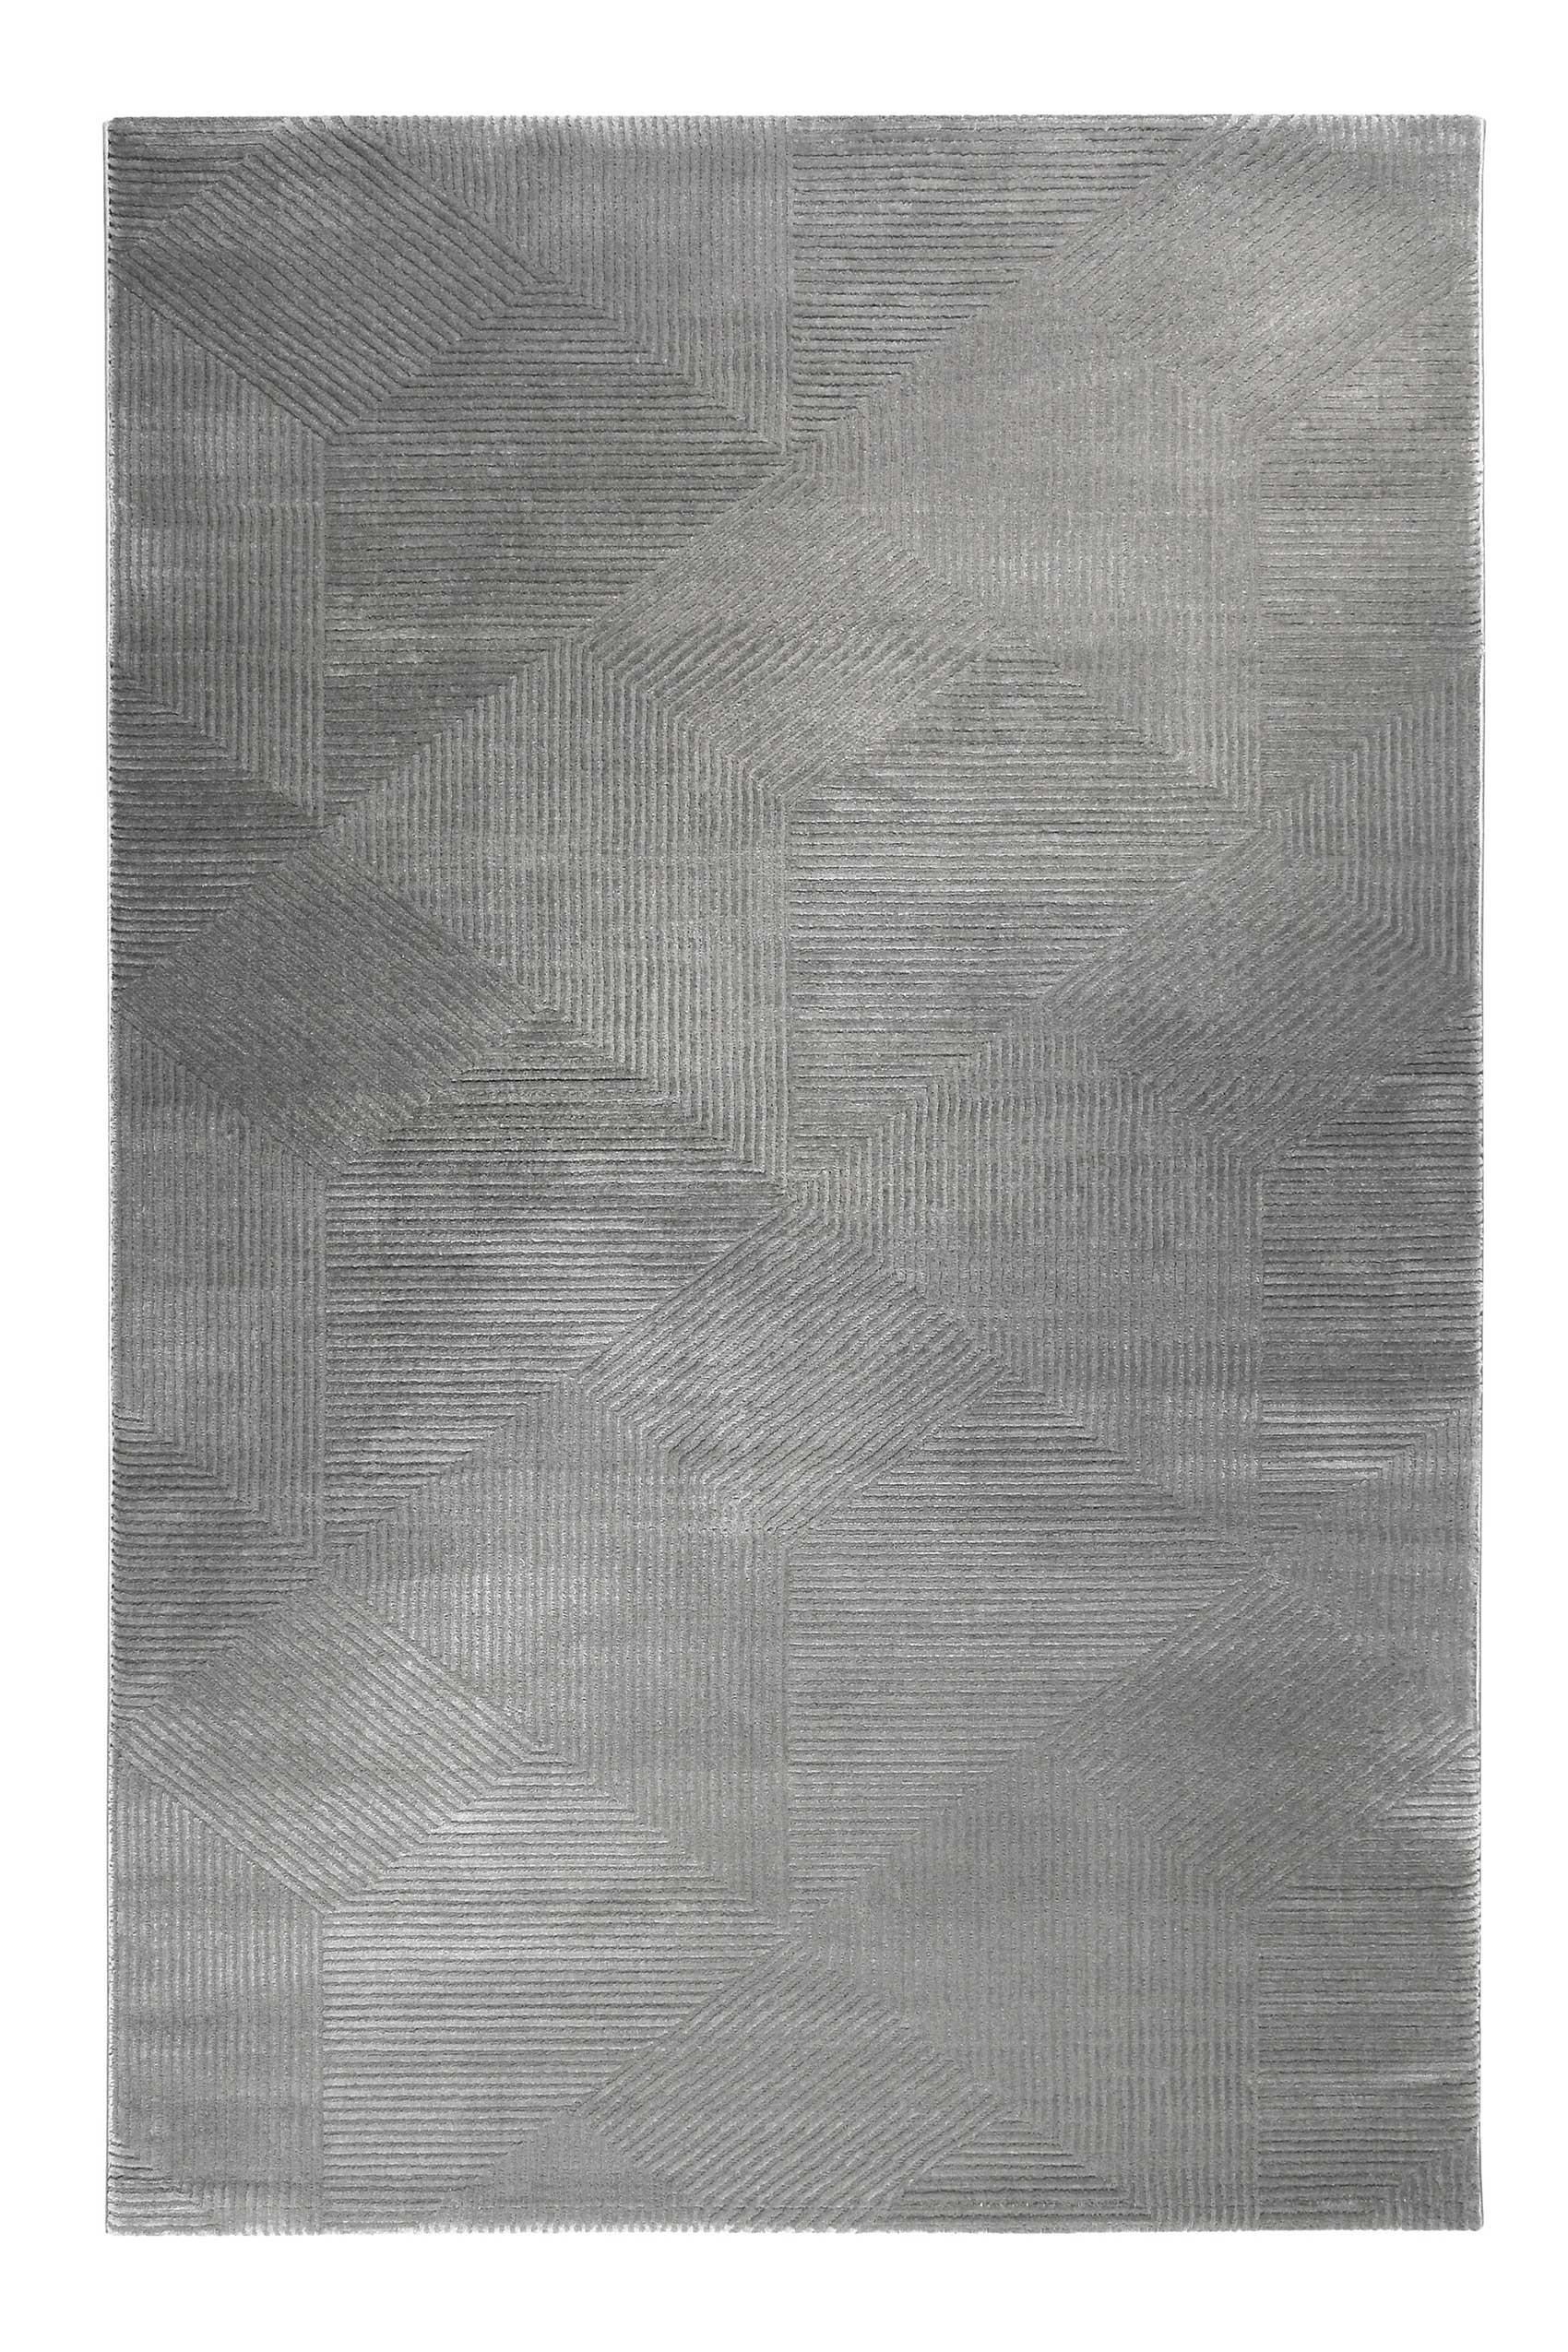 Tapis motif géométrique à relief gris taupe 200x133